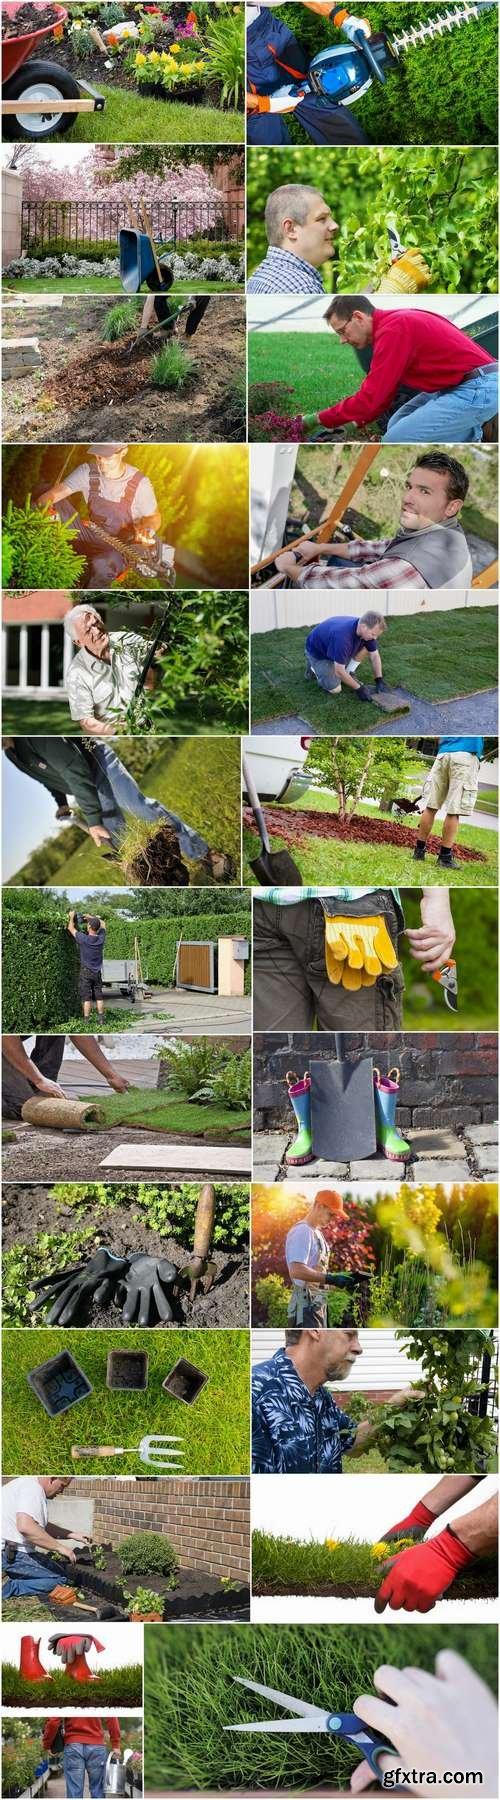 Farmer gardener garden landscaping 2-25 HQ Jpeg